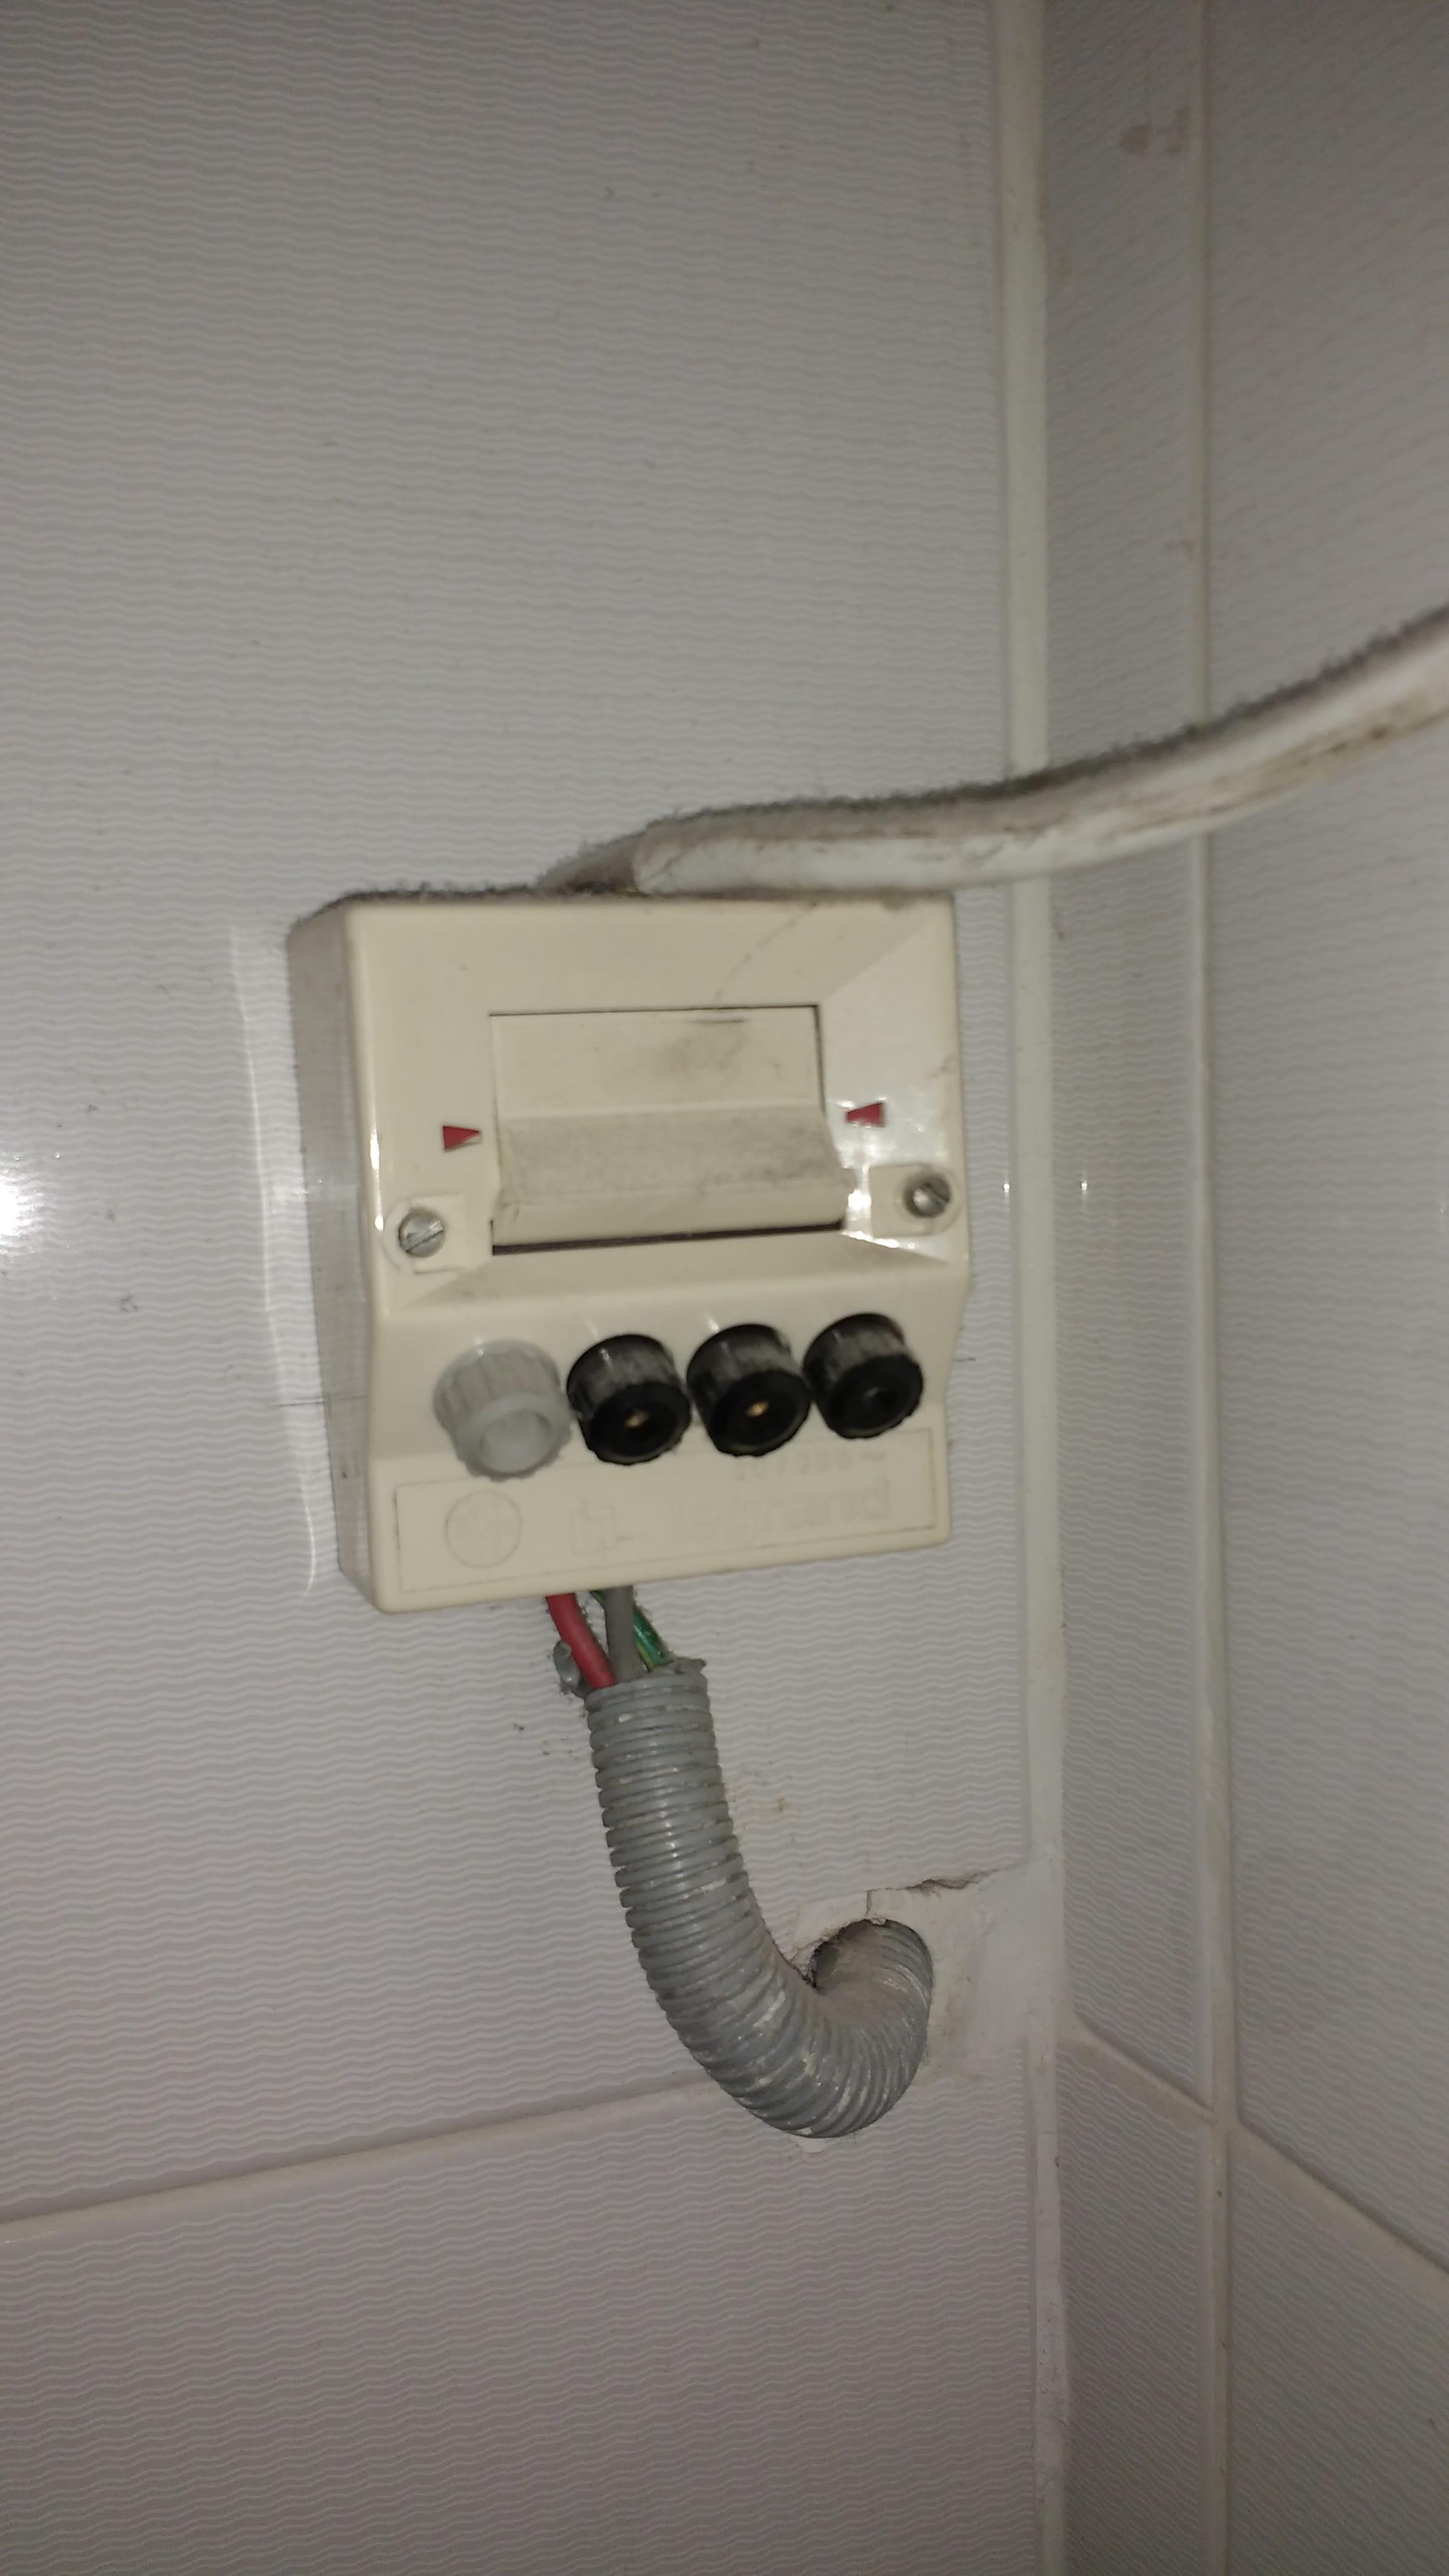 Branchement électrique pour chauffe-eau